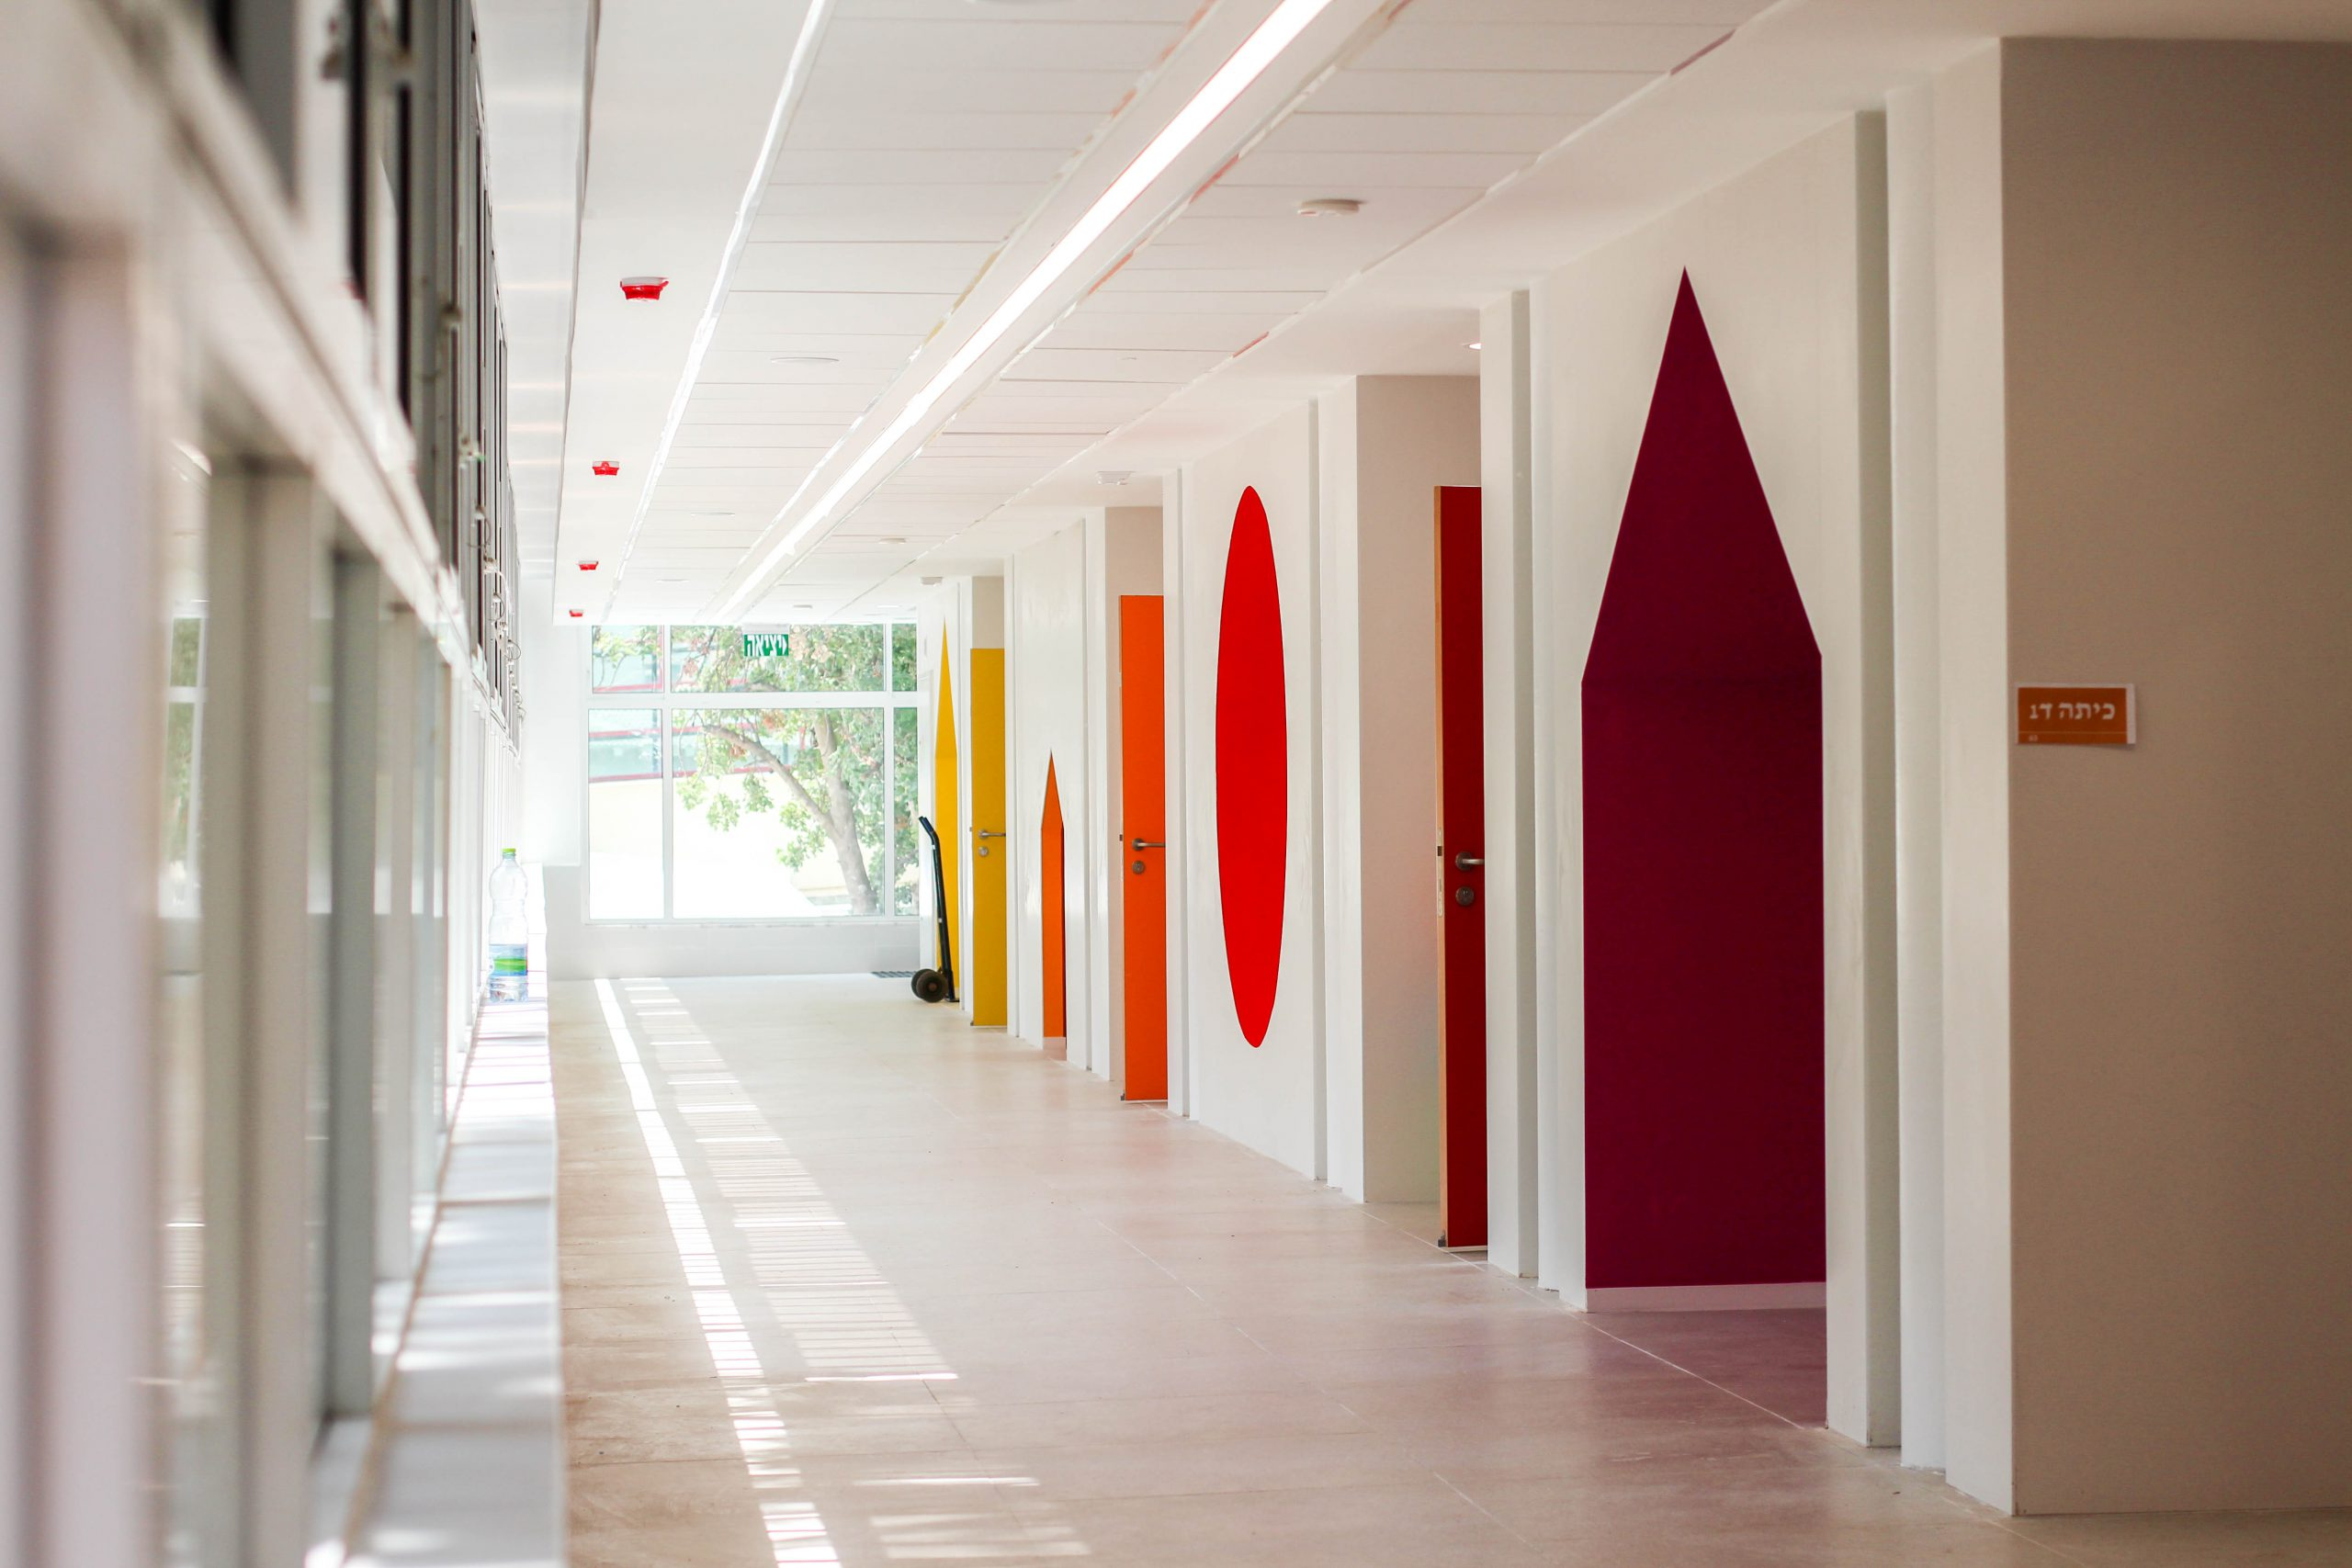 עיצוב חכם למוסדות החינוך